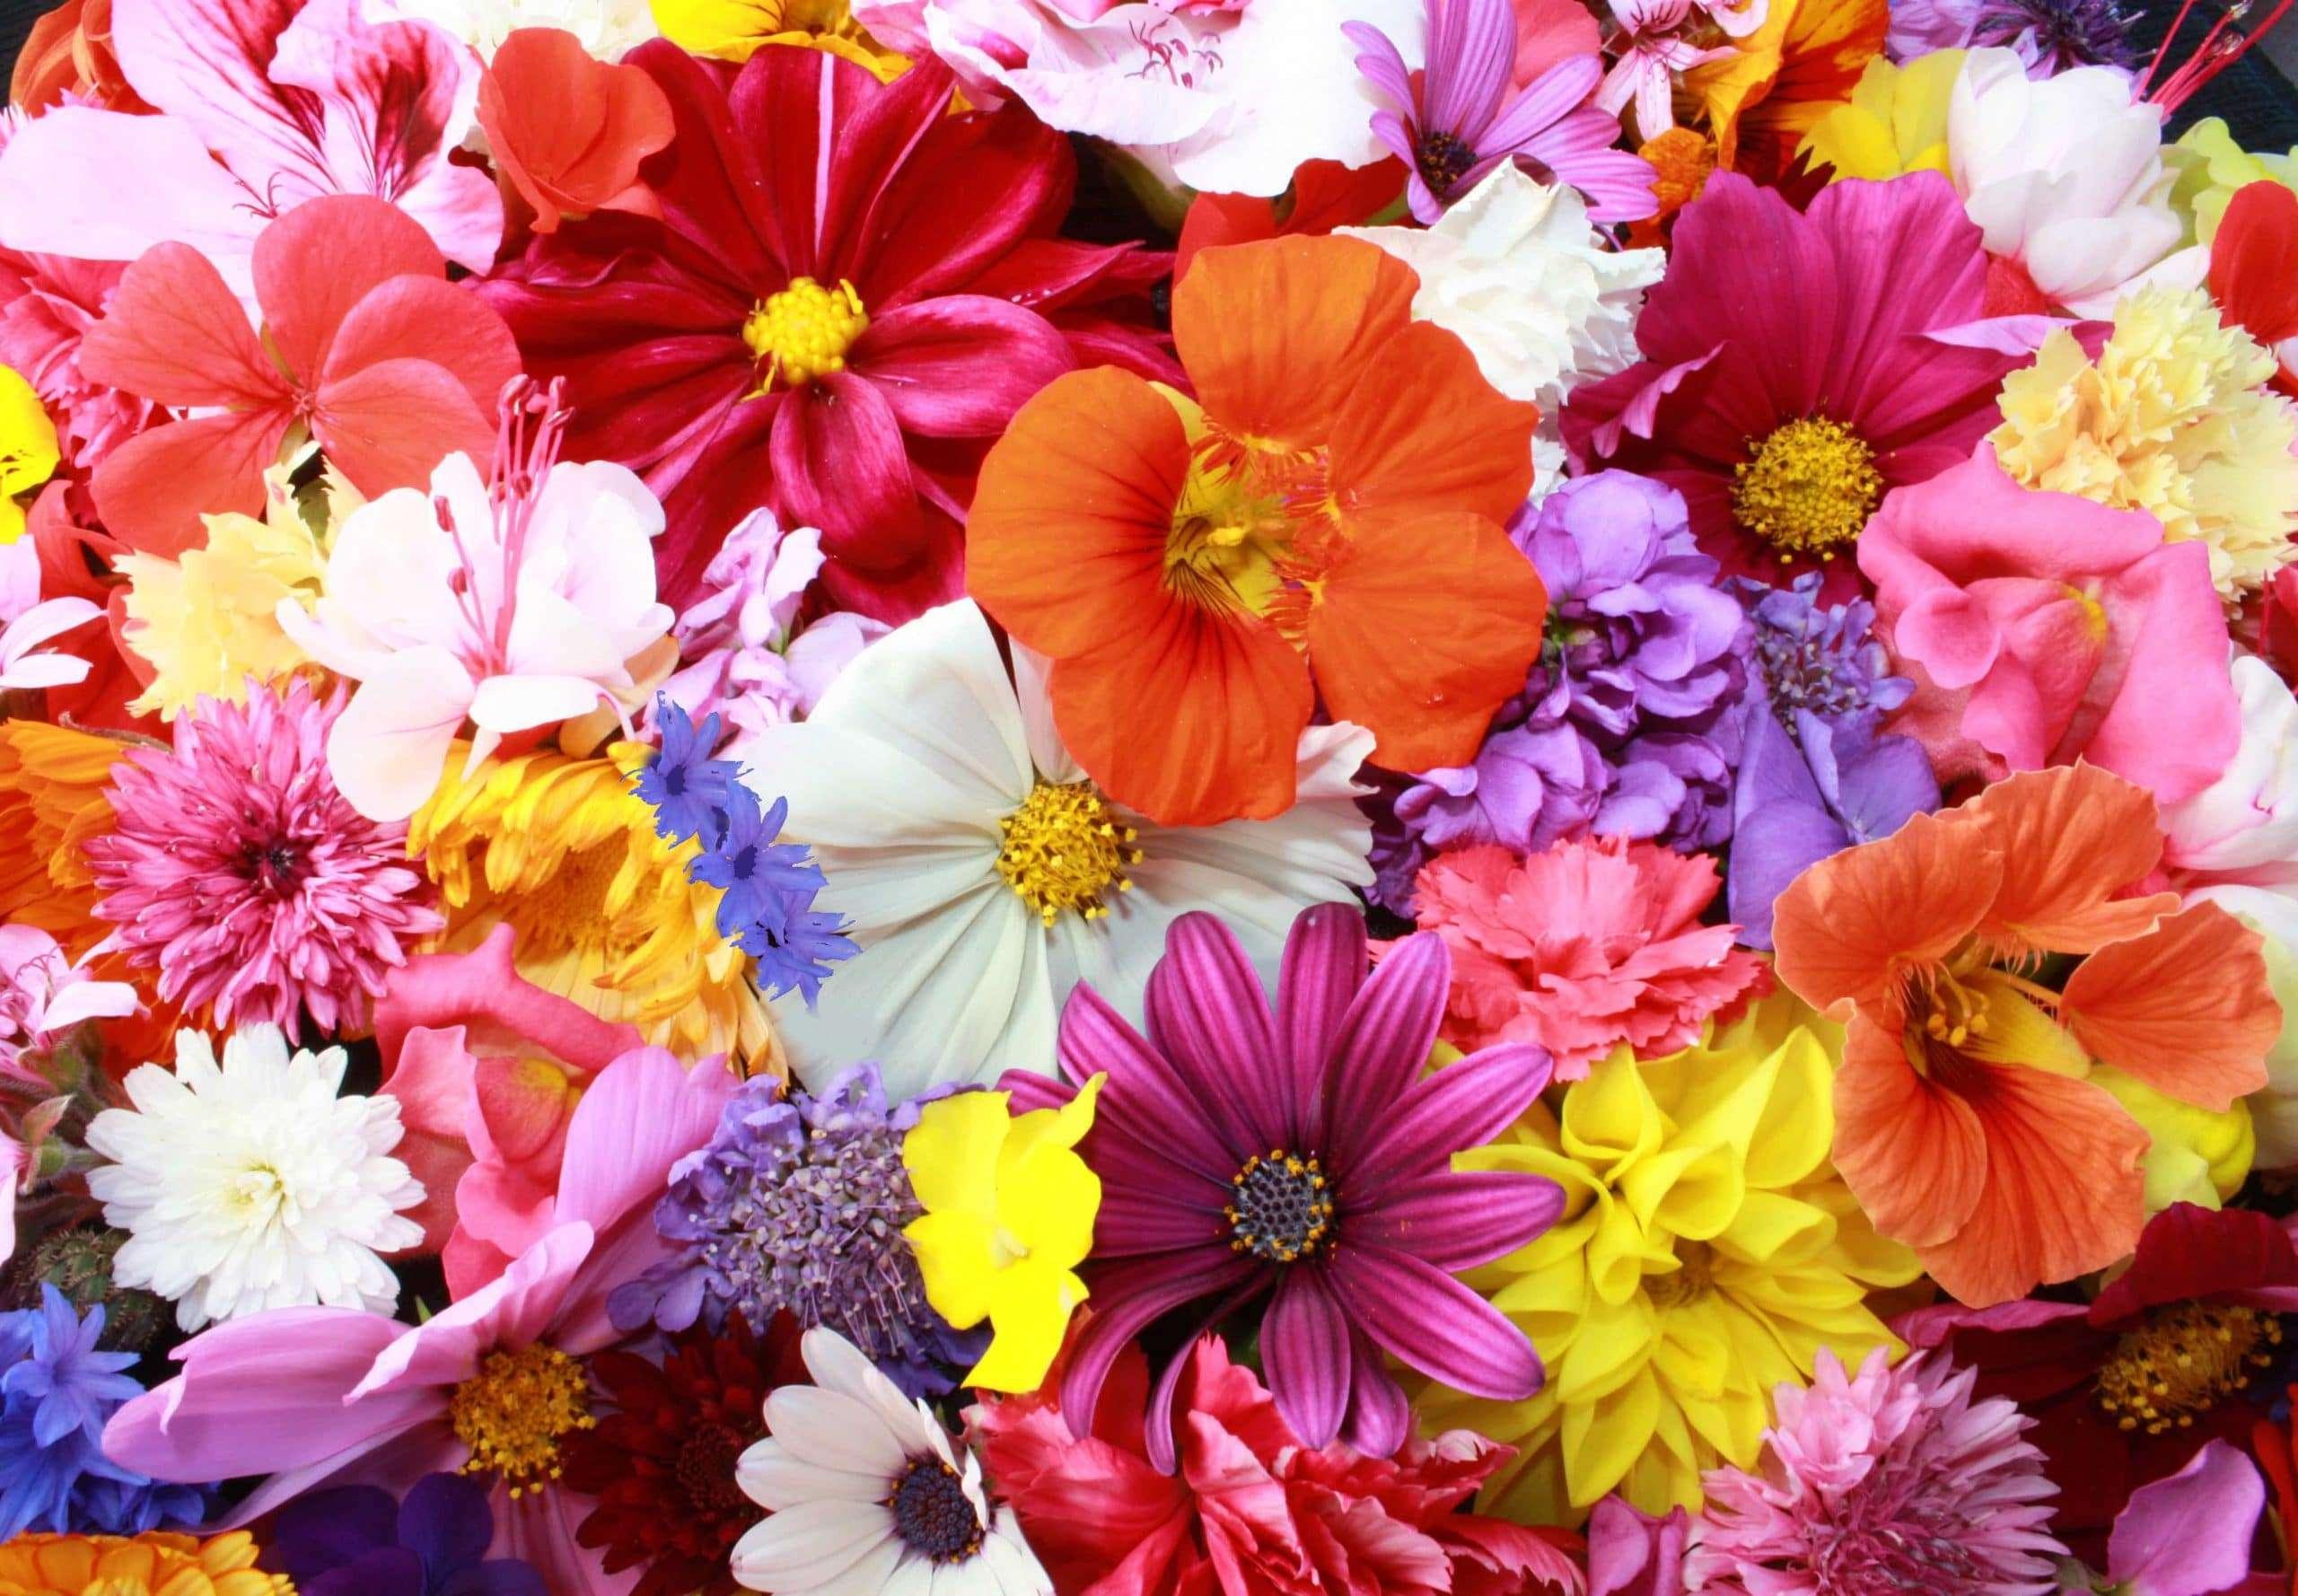 Immagini belle di fior